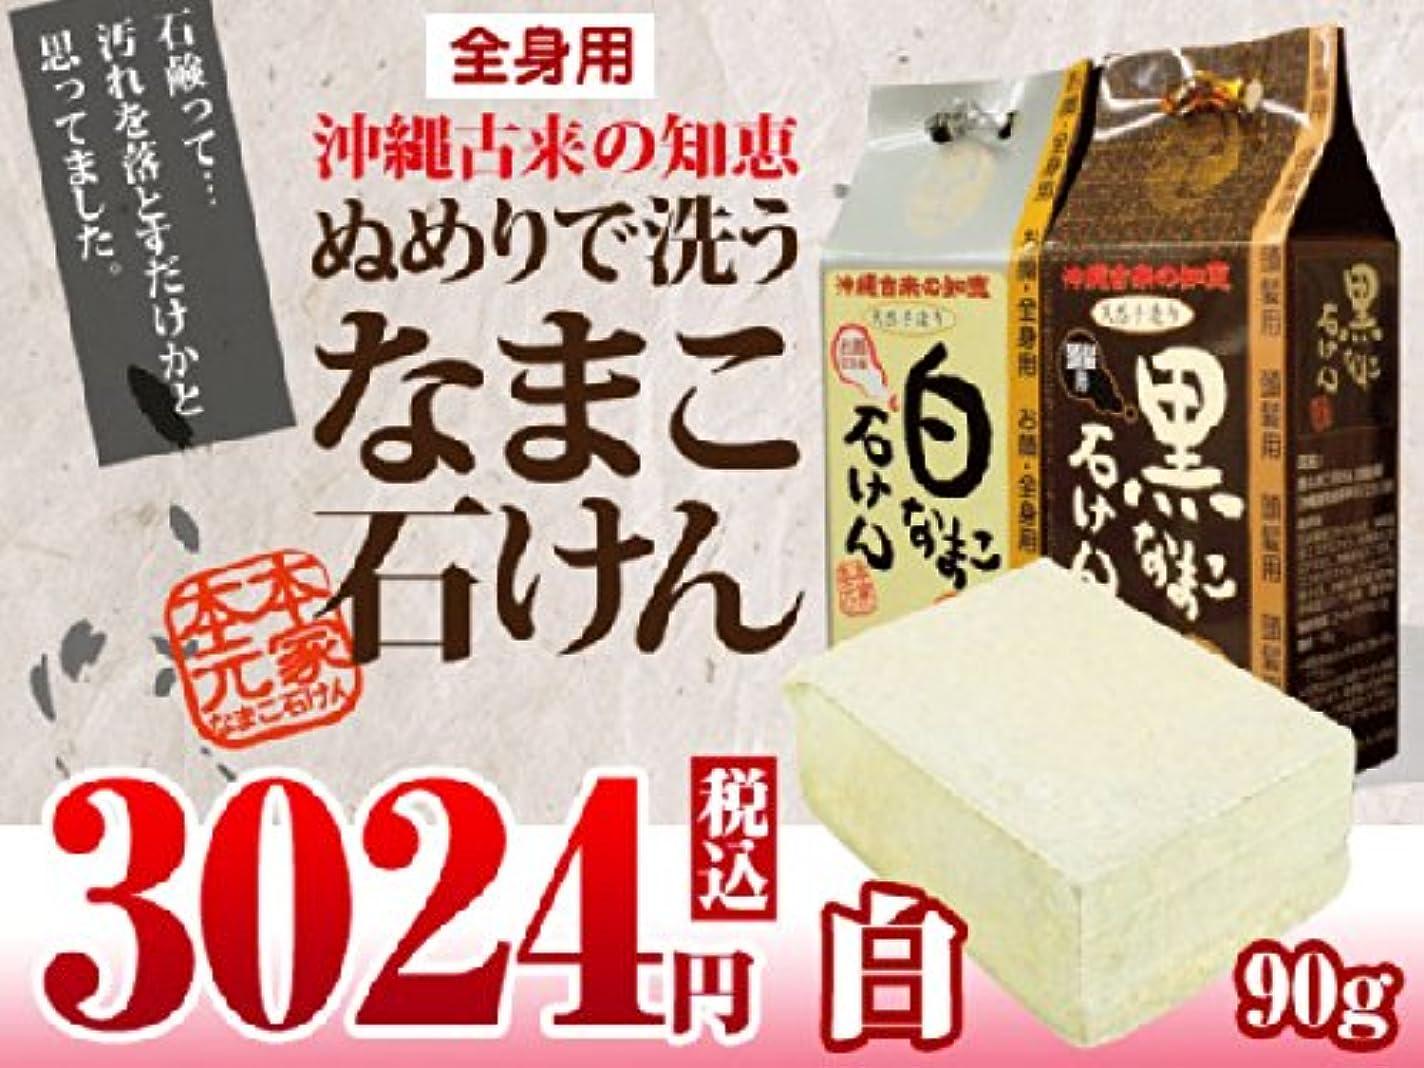 やめる物理的なコピー白なまこ石けん 箱入り なまこ石鹸 90g【全身用】 コラーゲンのぬめりで洗う